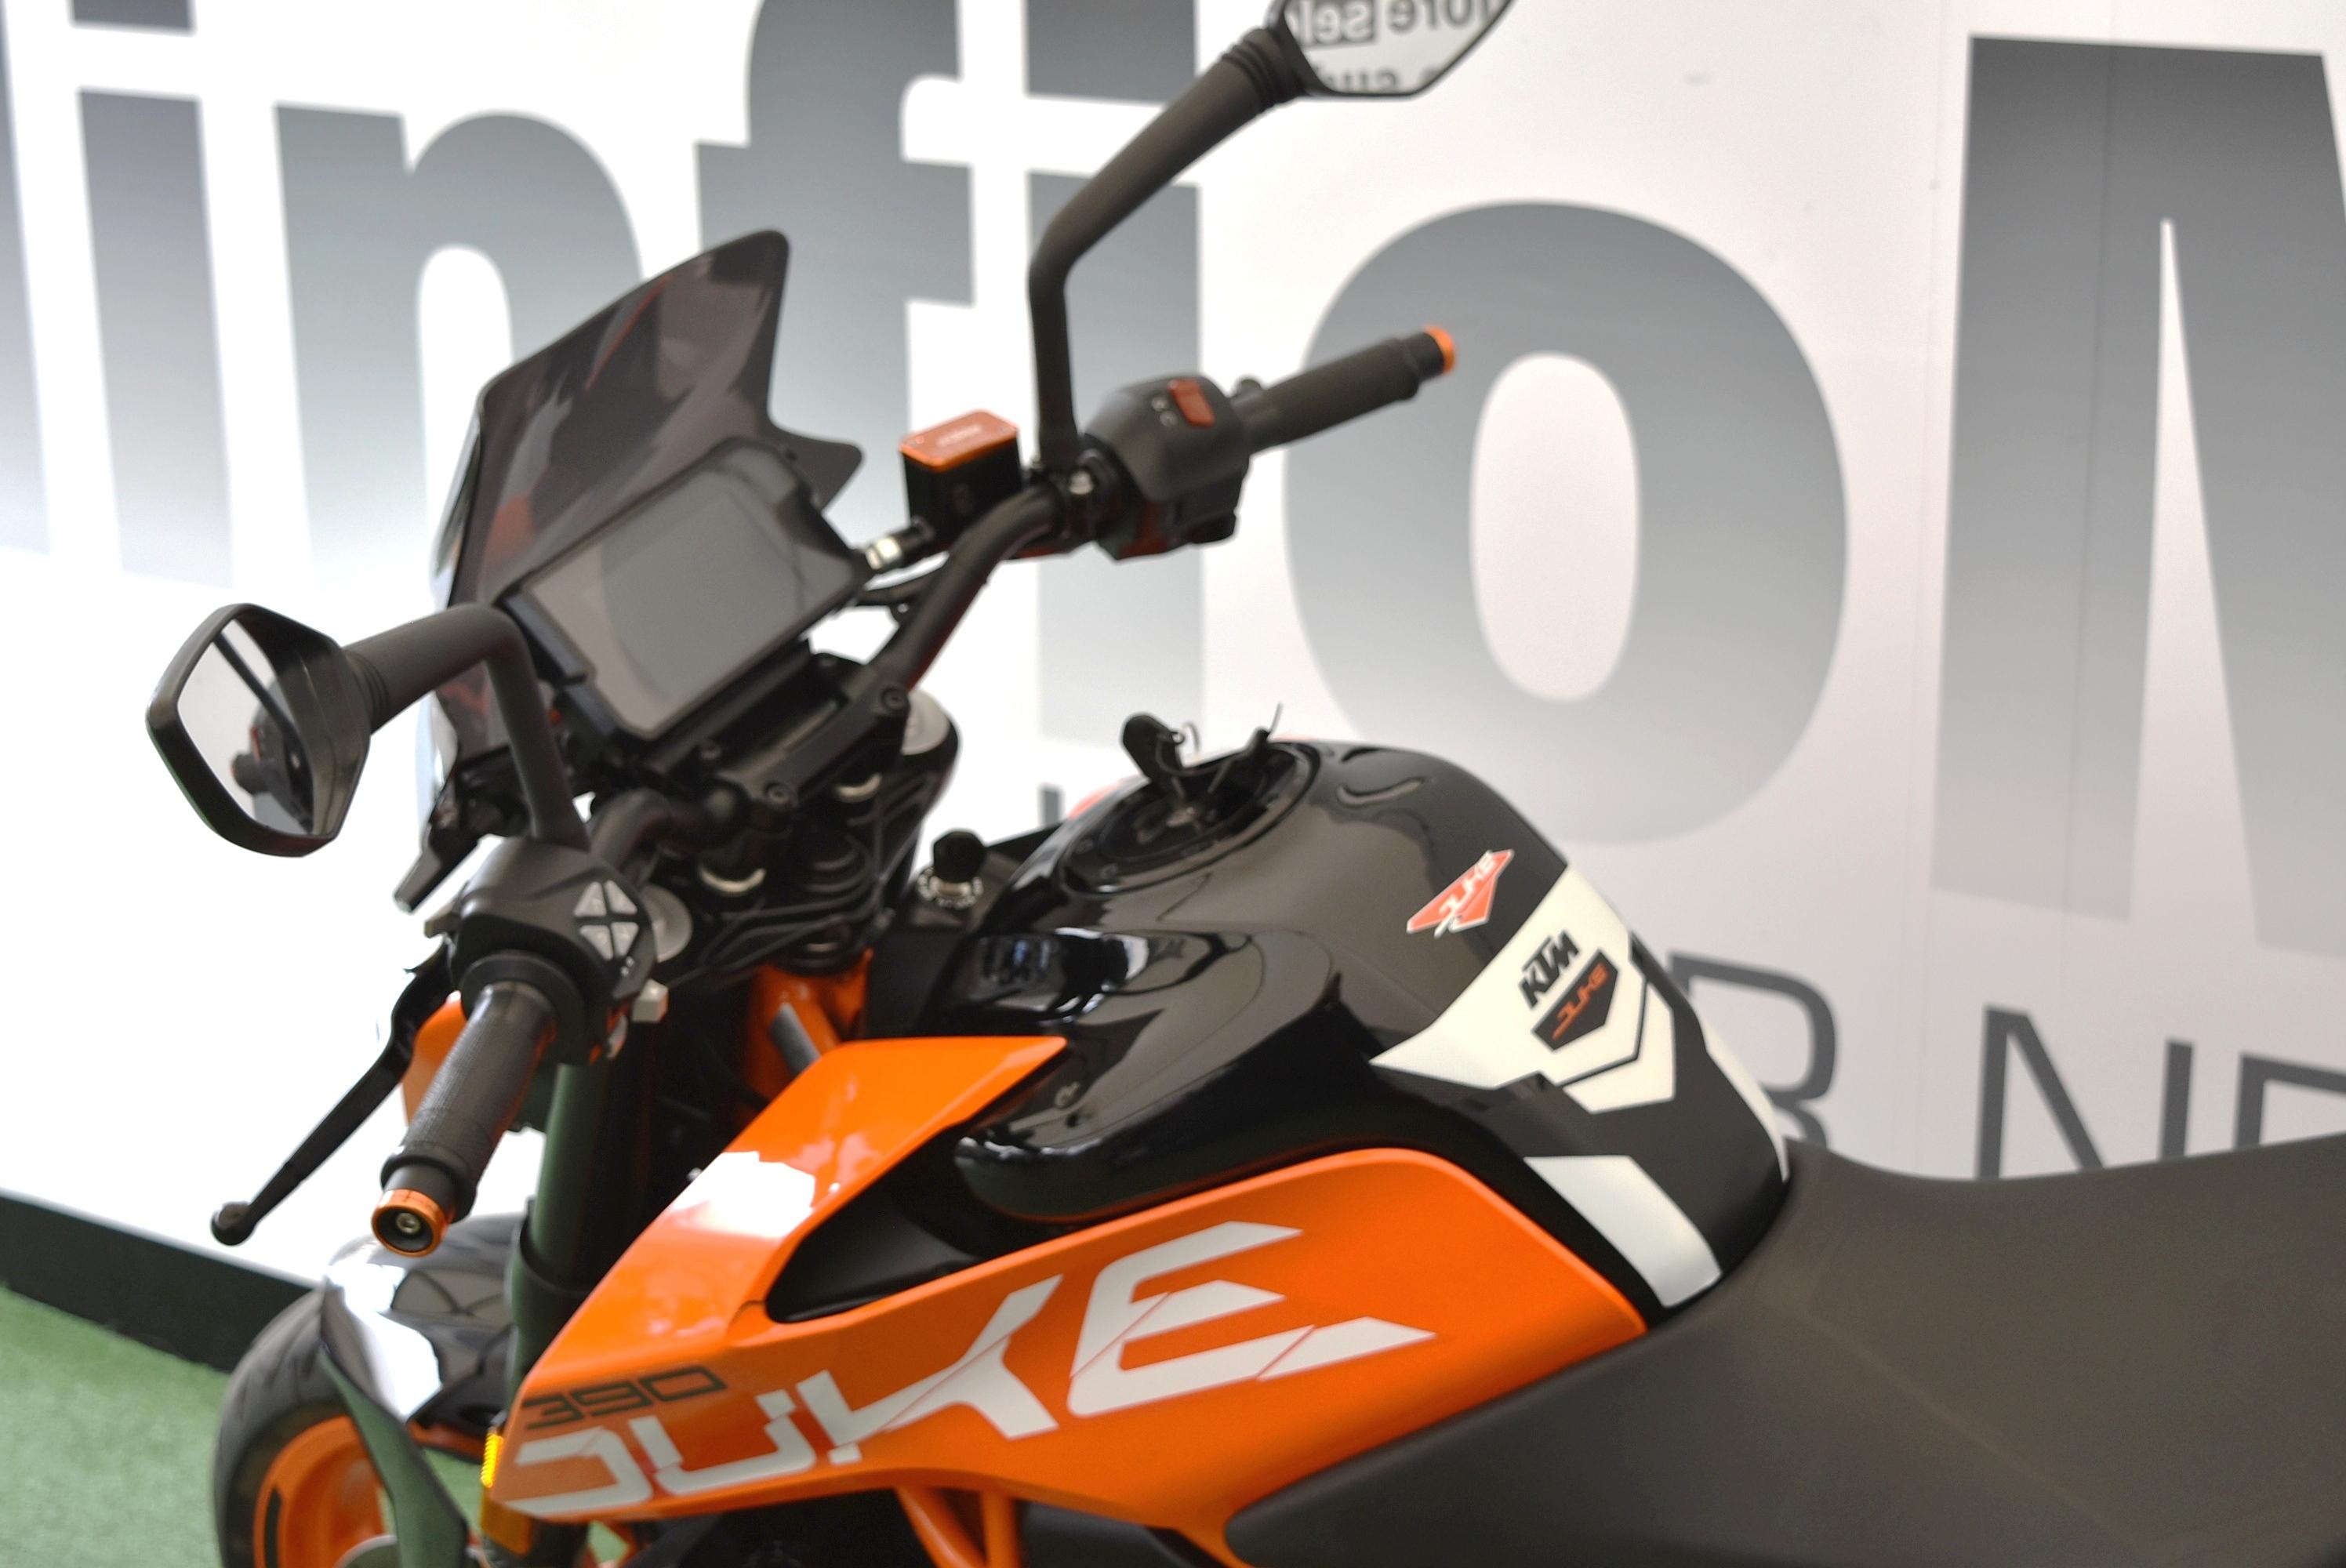 KTM DUKE 390 – 2018